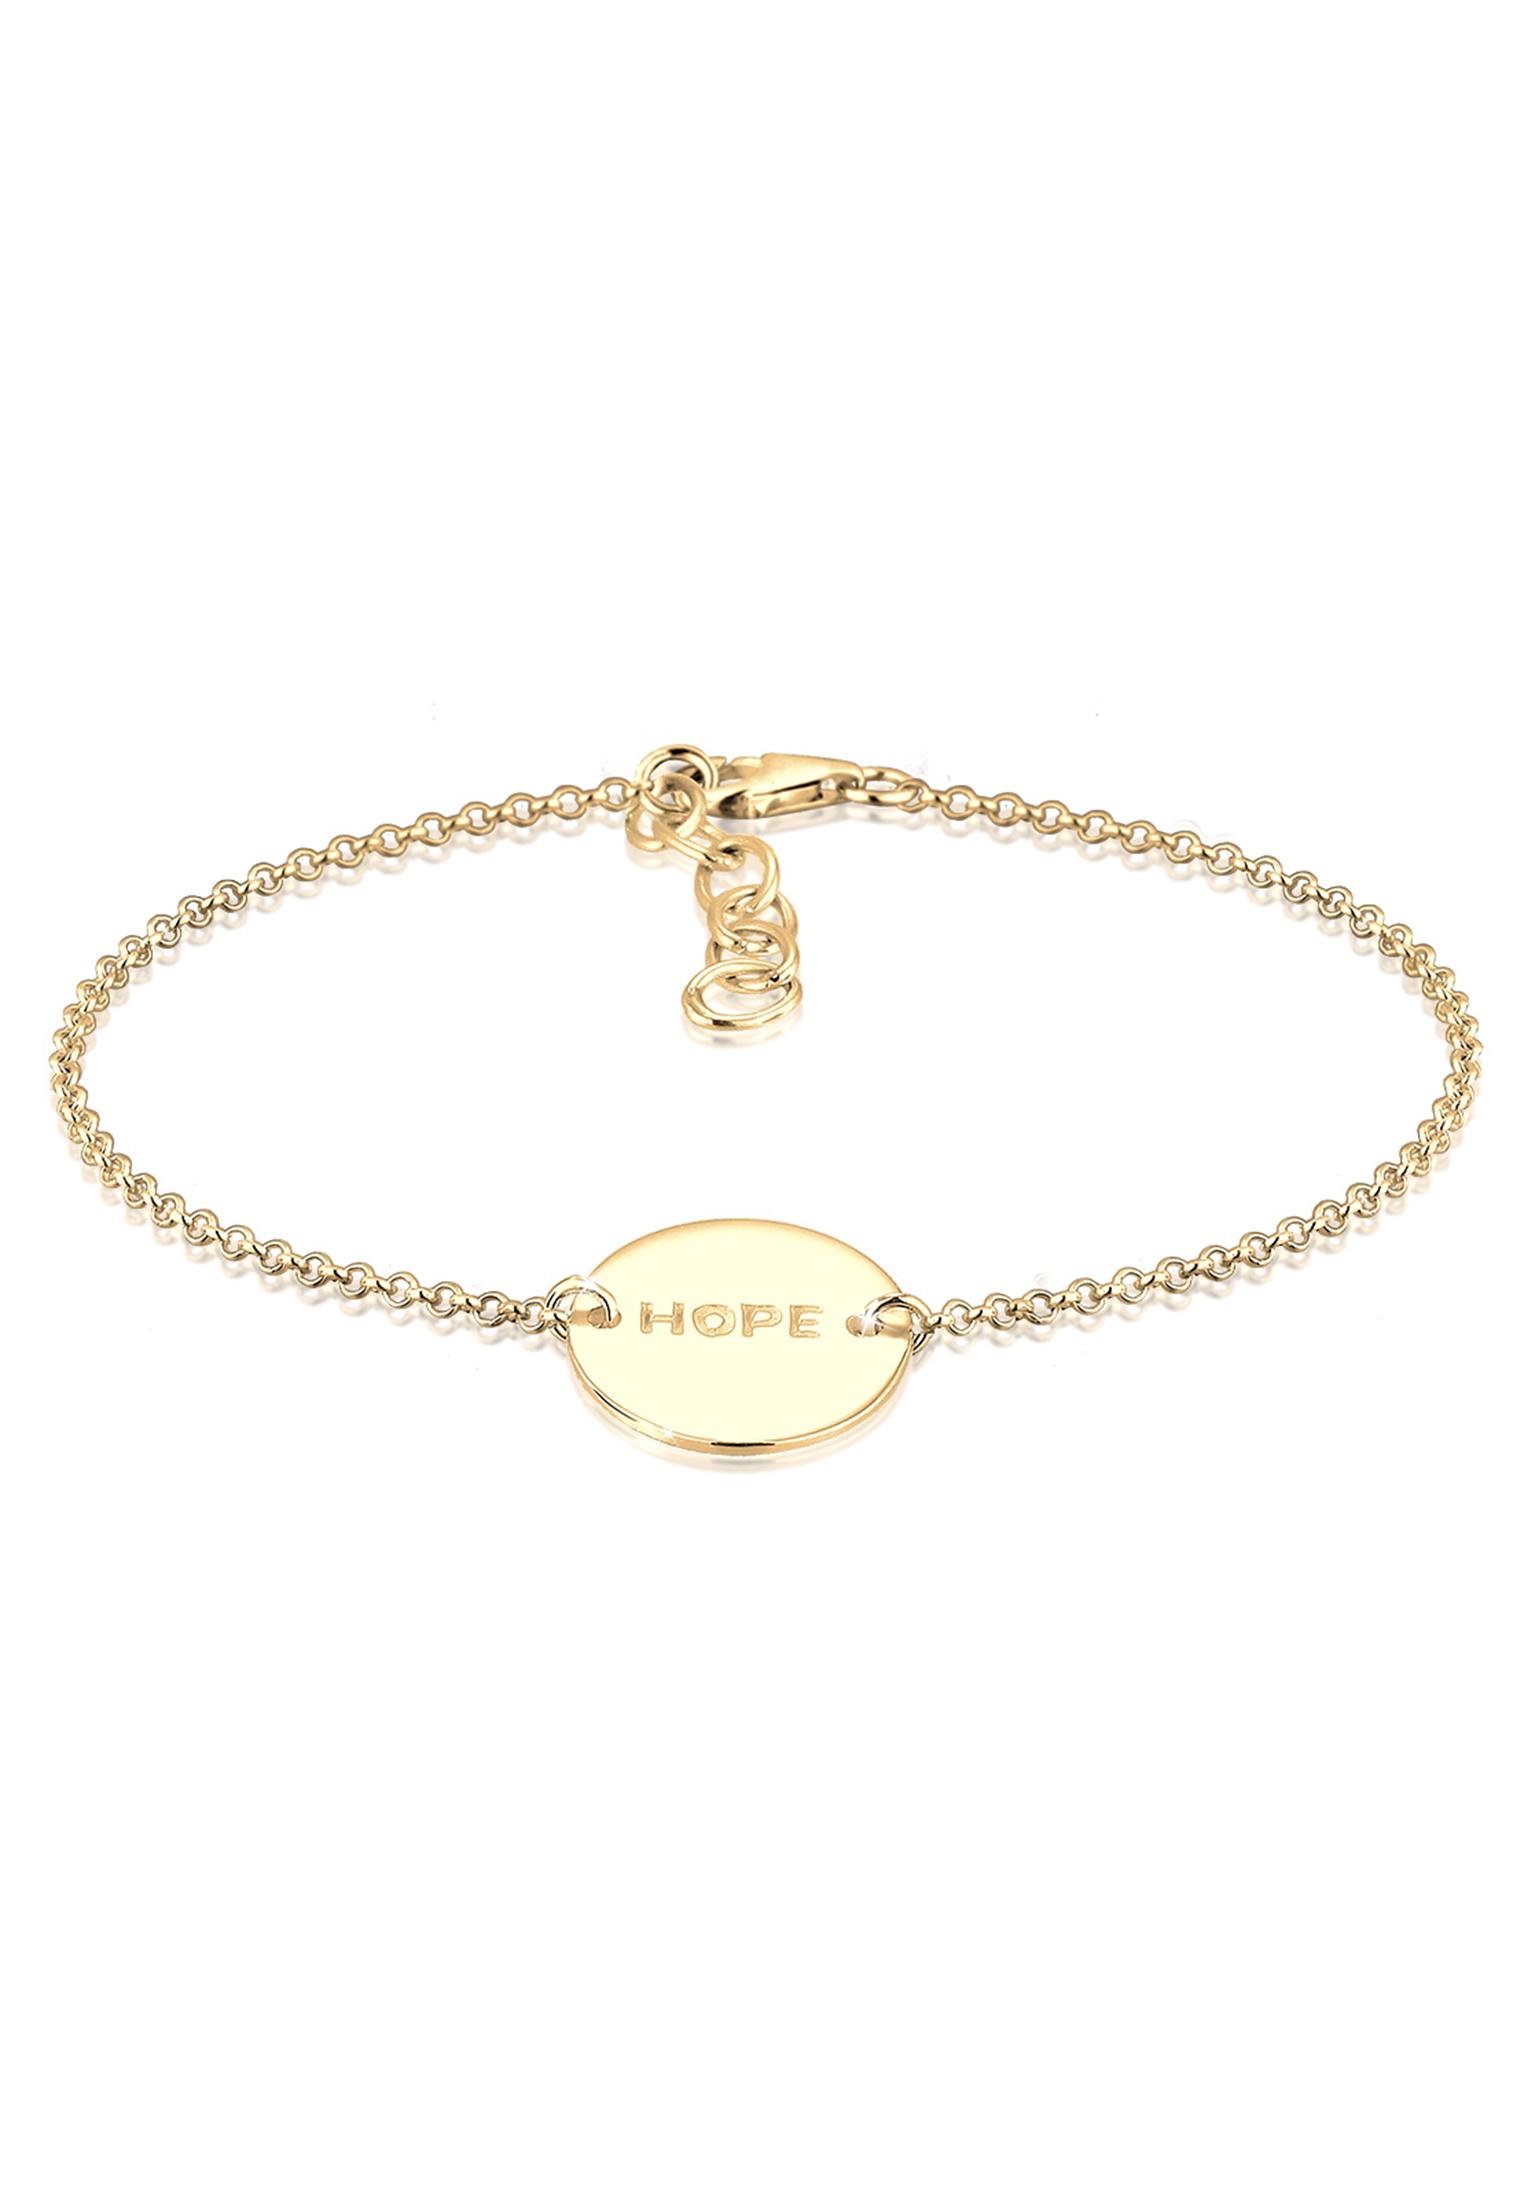 Armband Hope | 925 Sterling Silber vergoldet